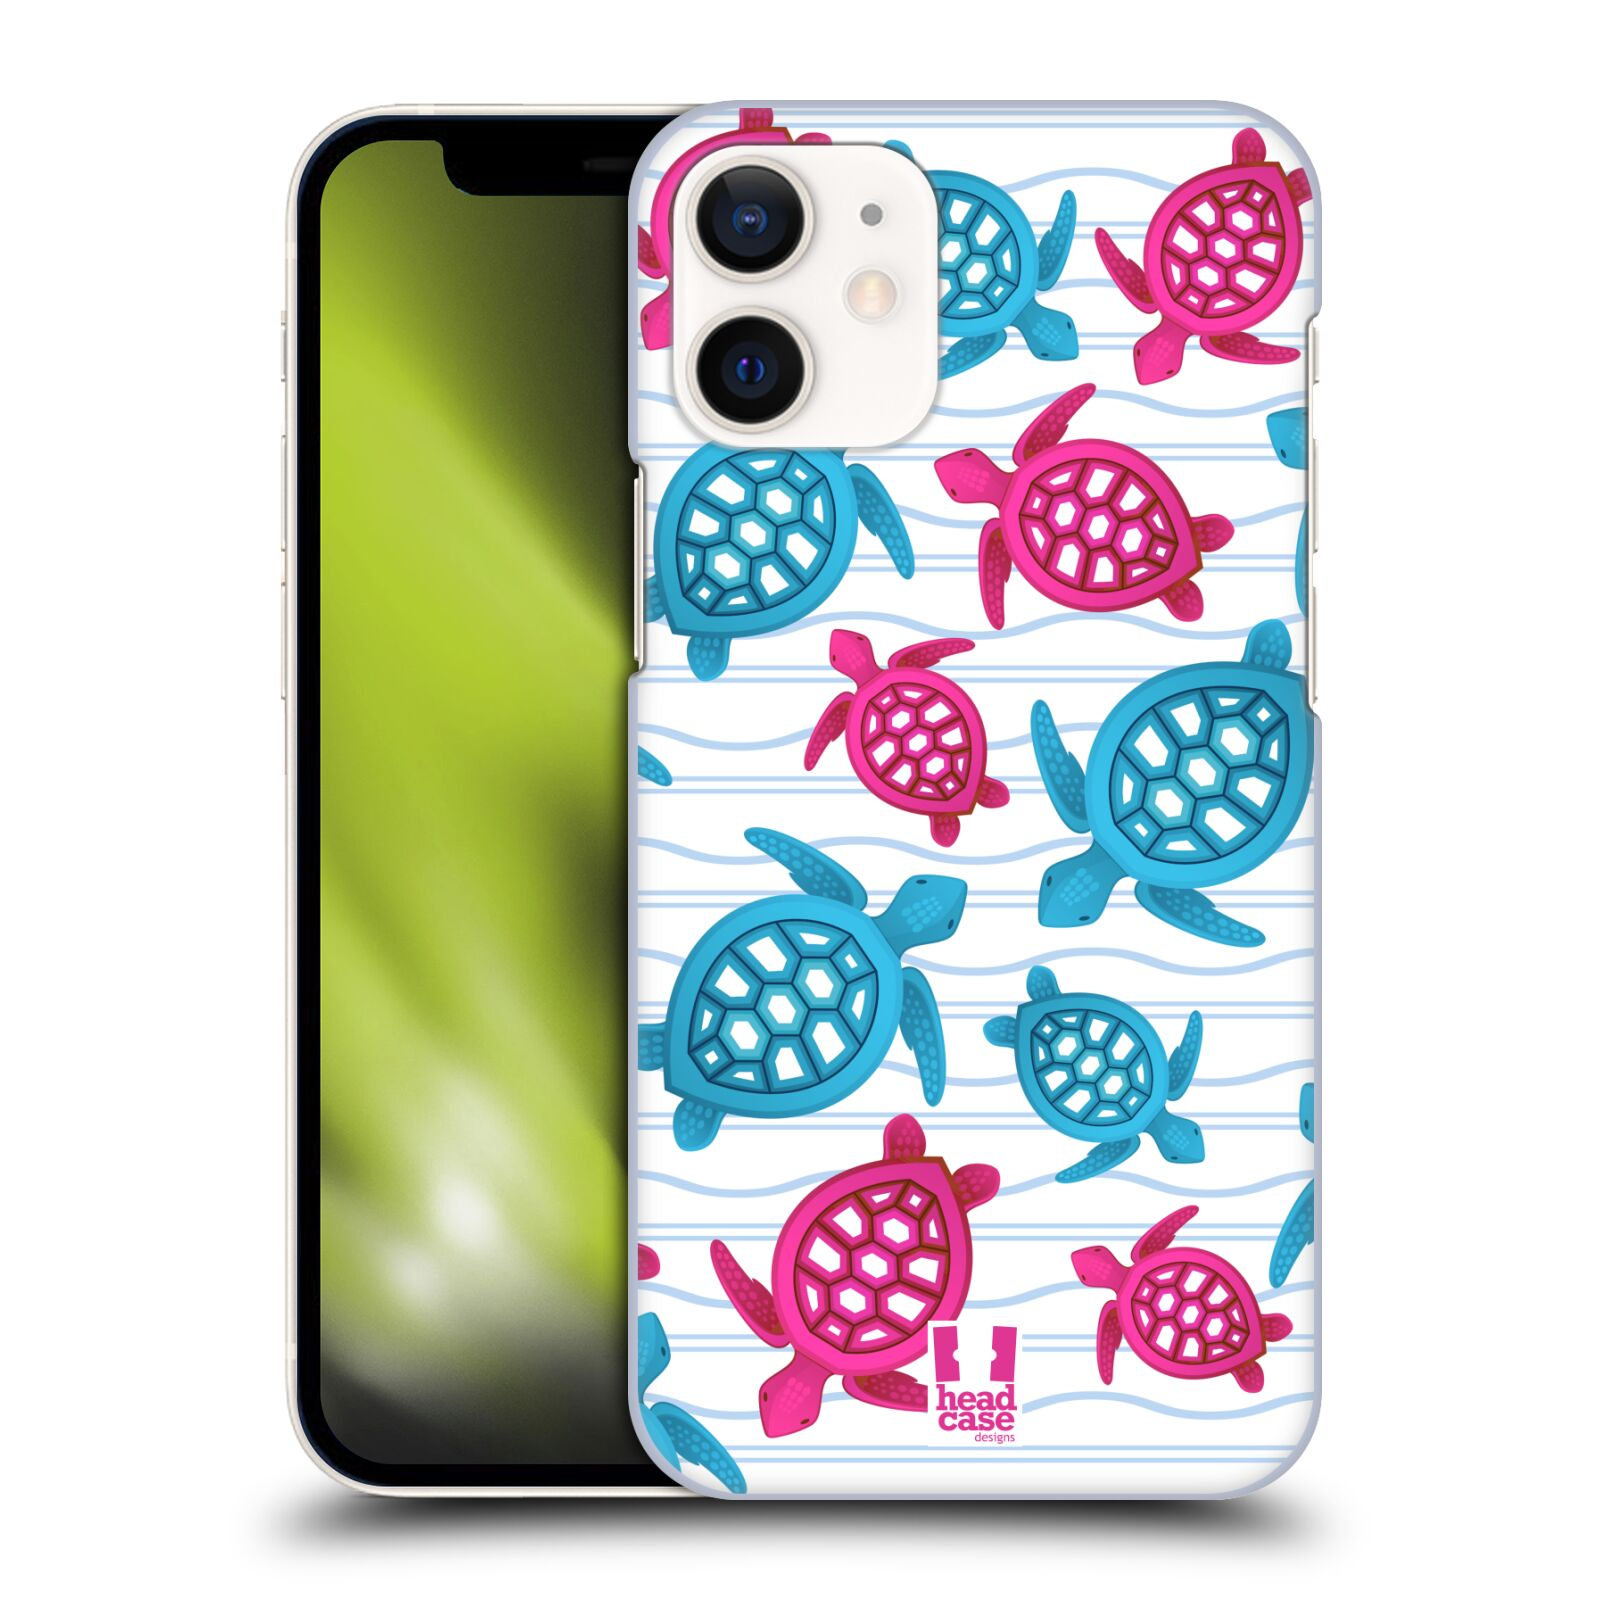 Plastový obal na mobil Apple Iphone 12 MINI vzor mořský živočich želva modrá a růžová